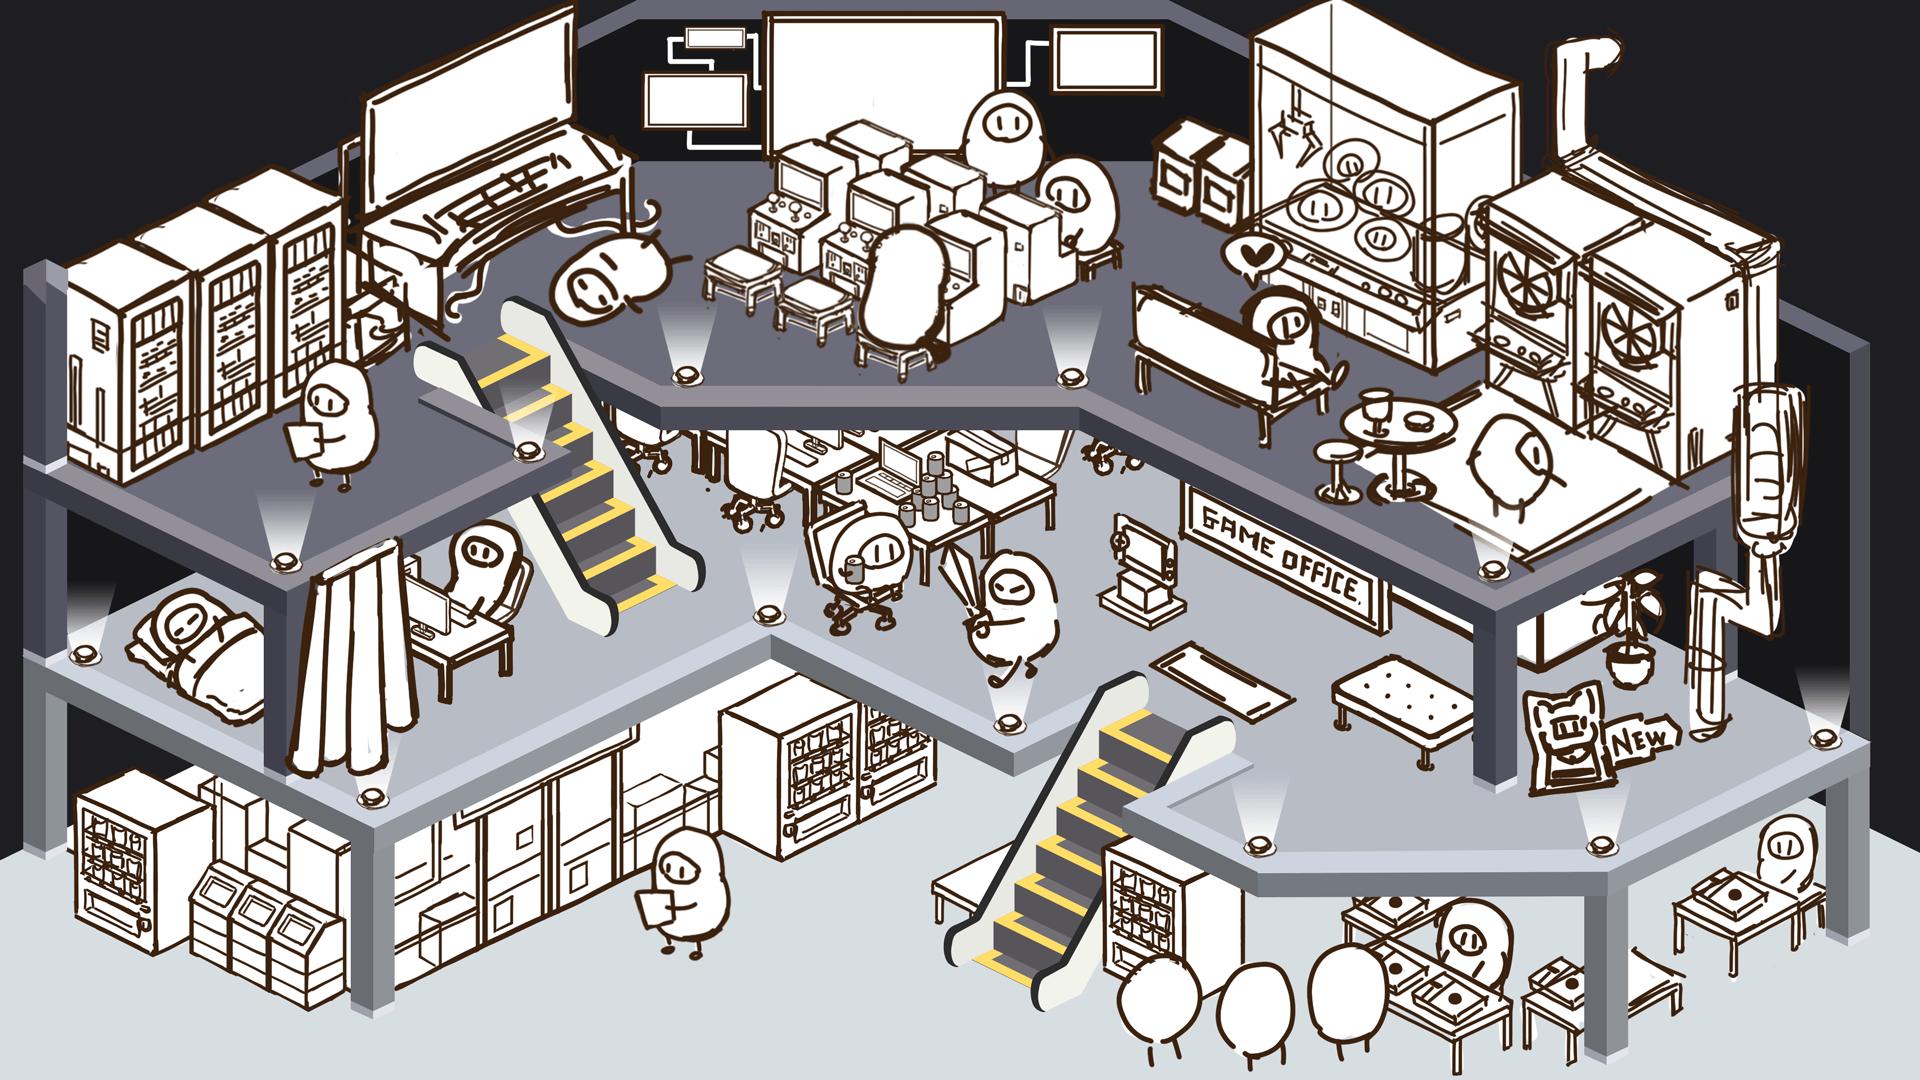 【ゲーム会社】アプリゲーム会社を再現した箱庭イラスト制作をスタート!